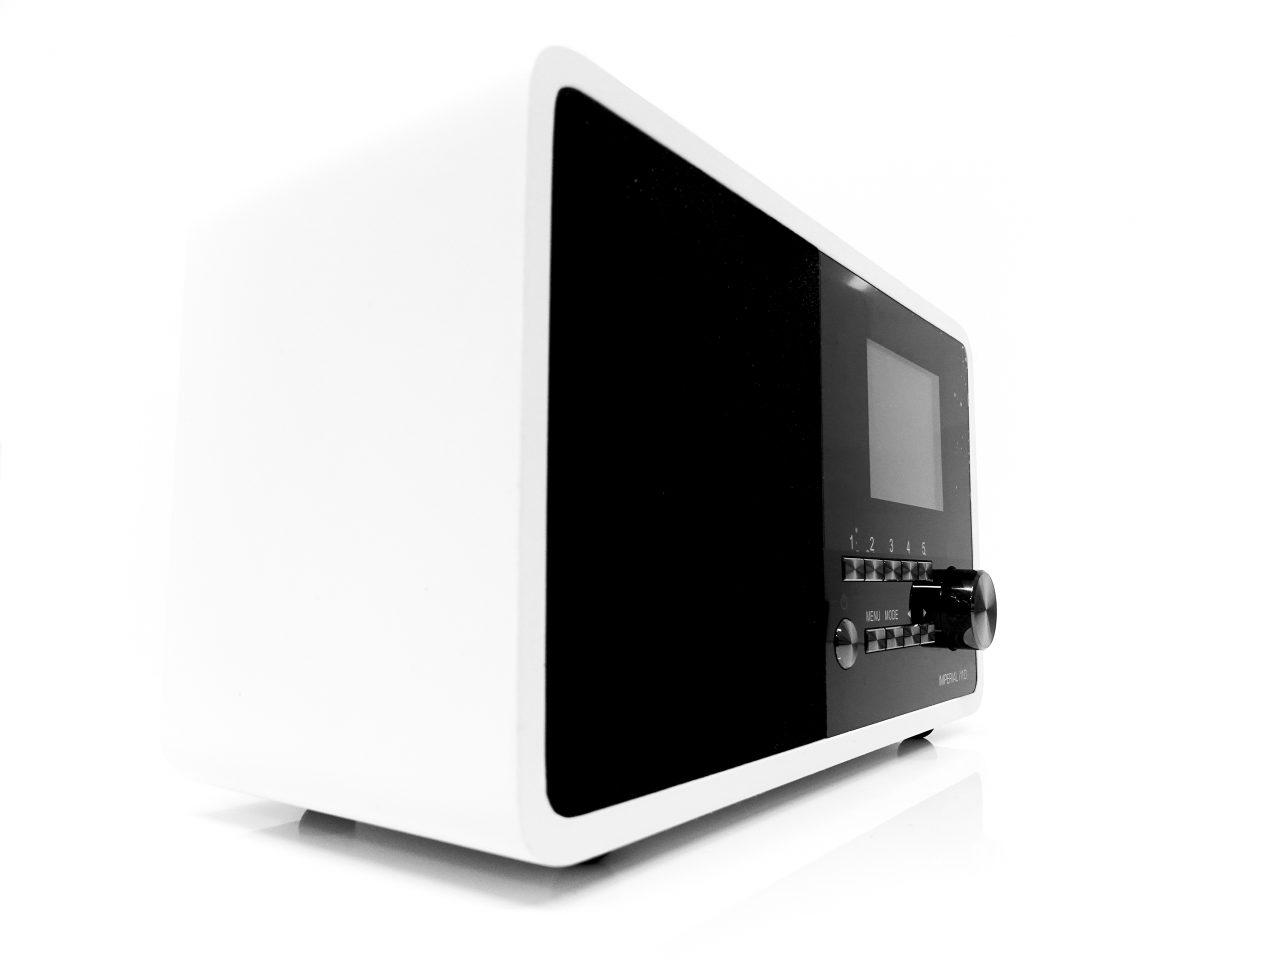 La radio internet Imperial I110 pilotable en DLNA par l'eedomus